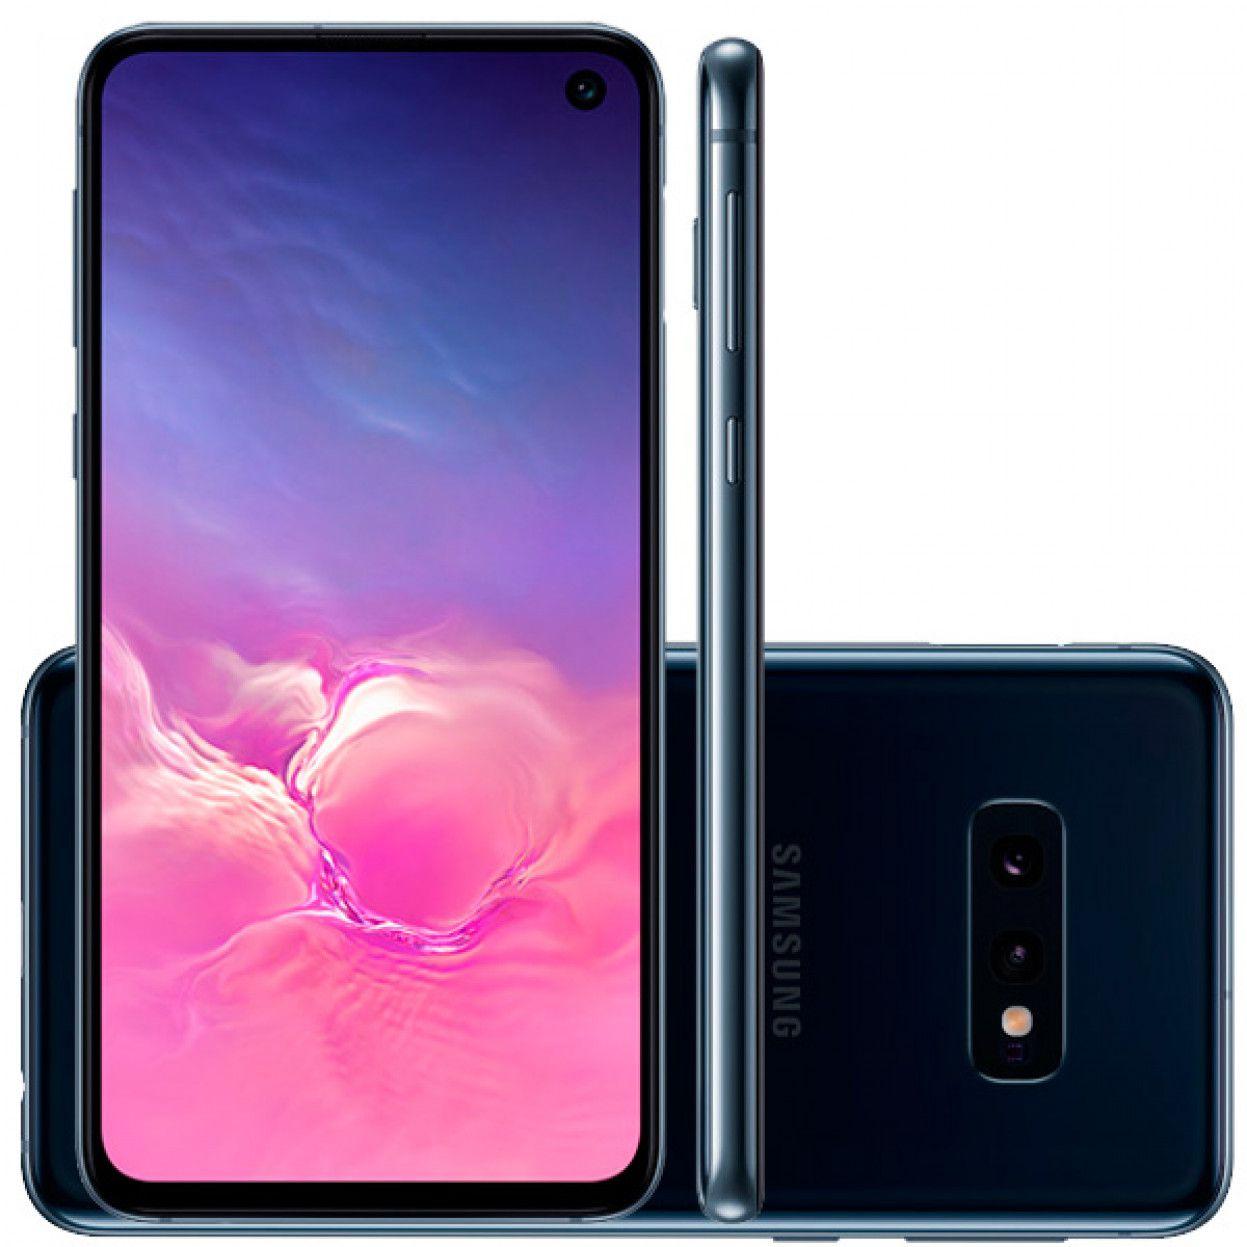 Smartphone Samsung Galaxy s10e 6GB RAM + 128GB Preto